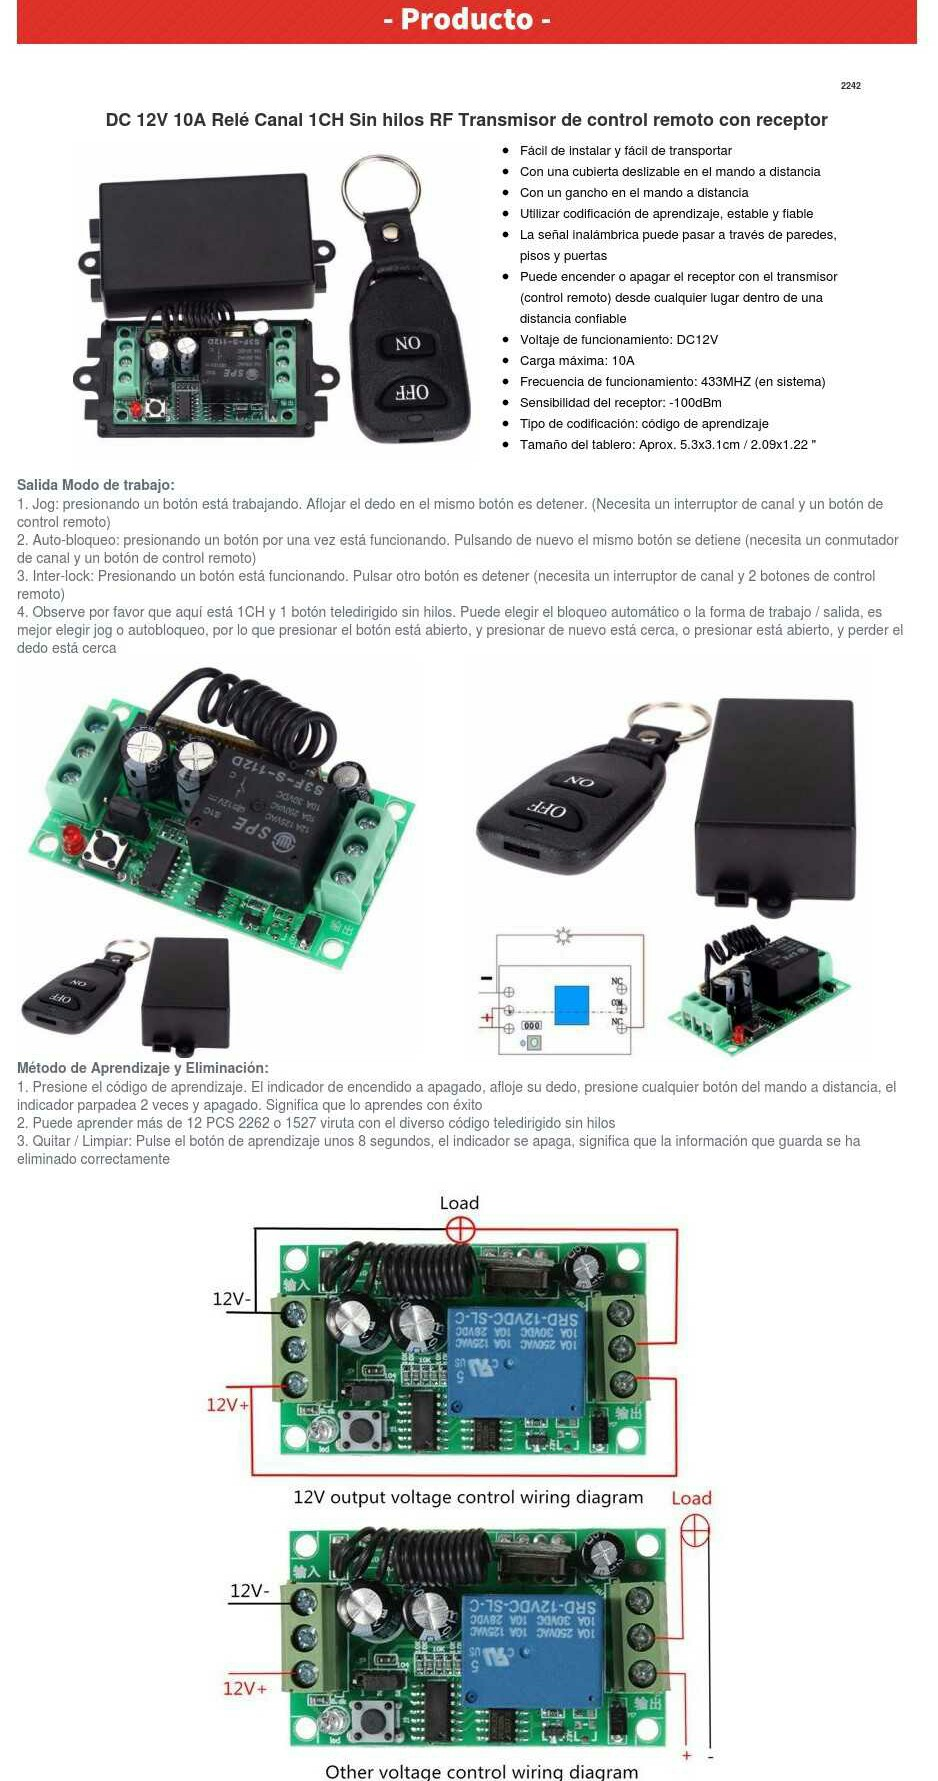 Circuito Emisor Receptor : El transmisor receptor de varias bandas de megaciclos viene en